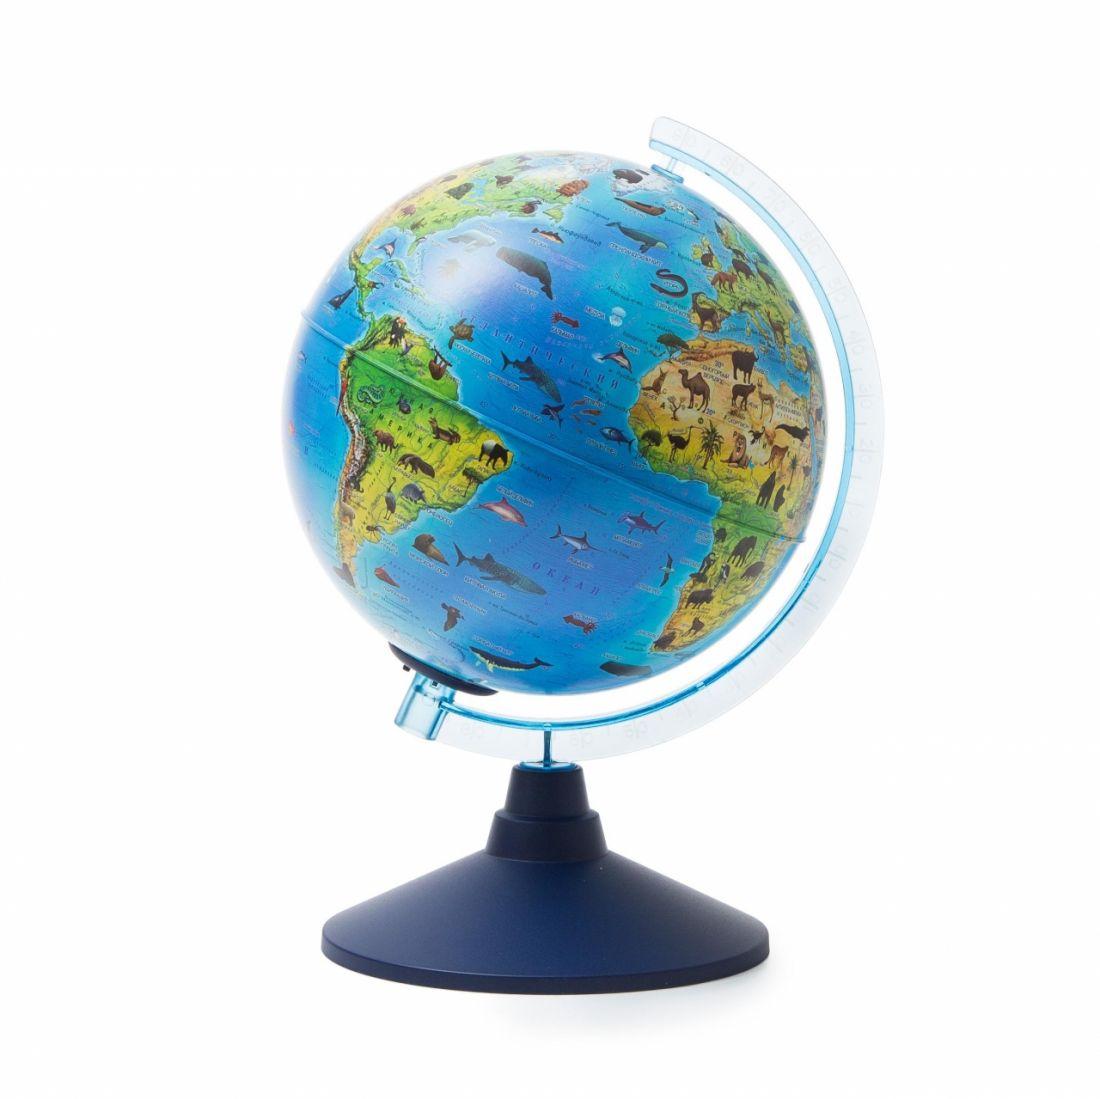 Глобус GLOBEN Ве012100249 Зоогеографический (Детский) (батарейки) 210 Классик Евро